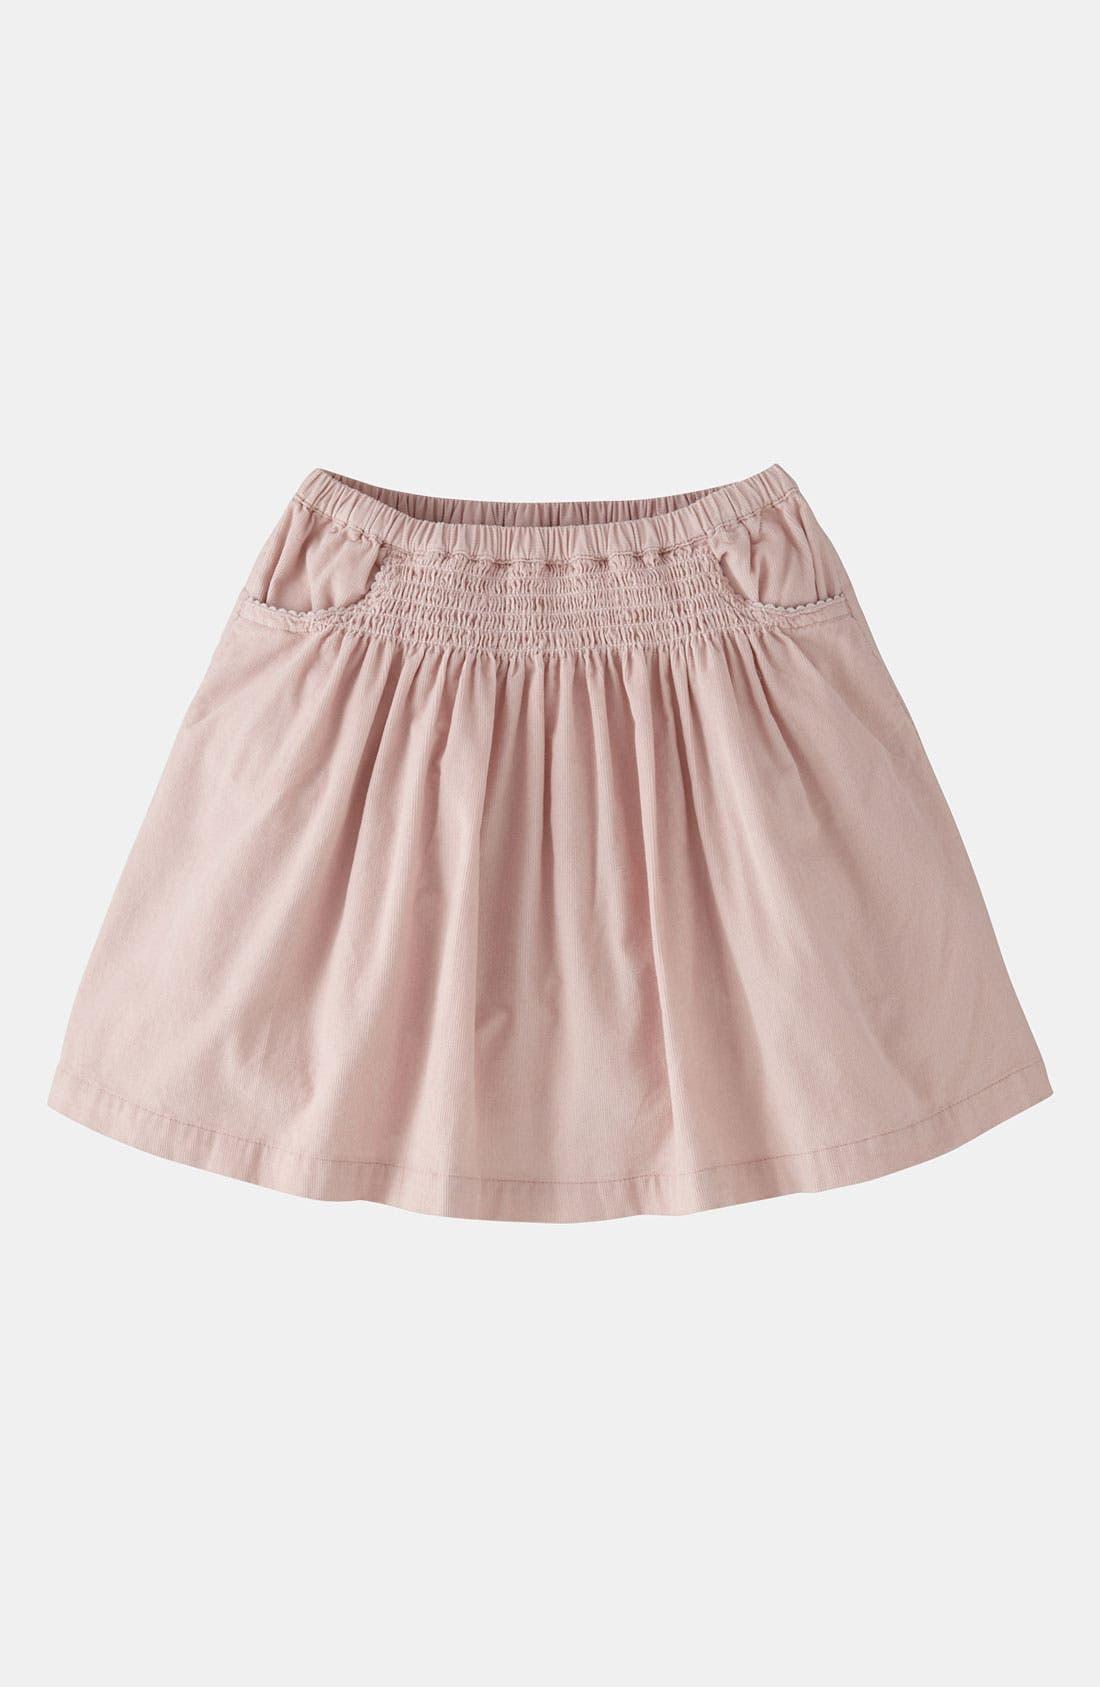 Alternate Image 1 Selected - Mini Boden 'Everyday' Corduroy Skirt (Little Girls & Big Girls)